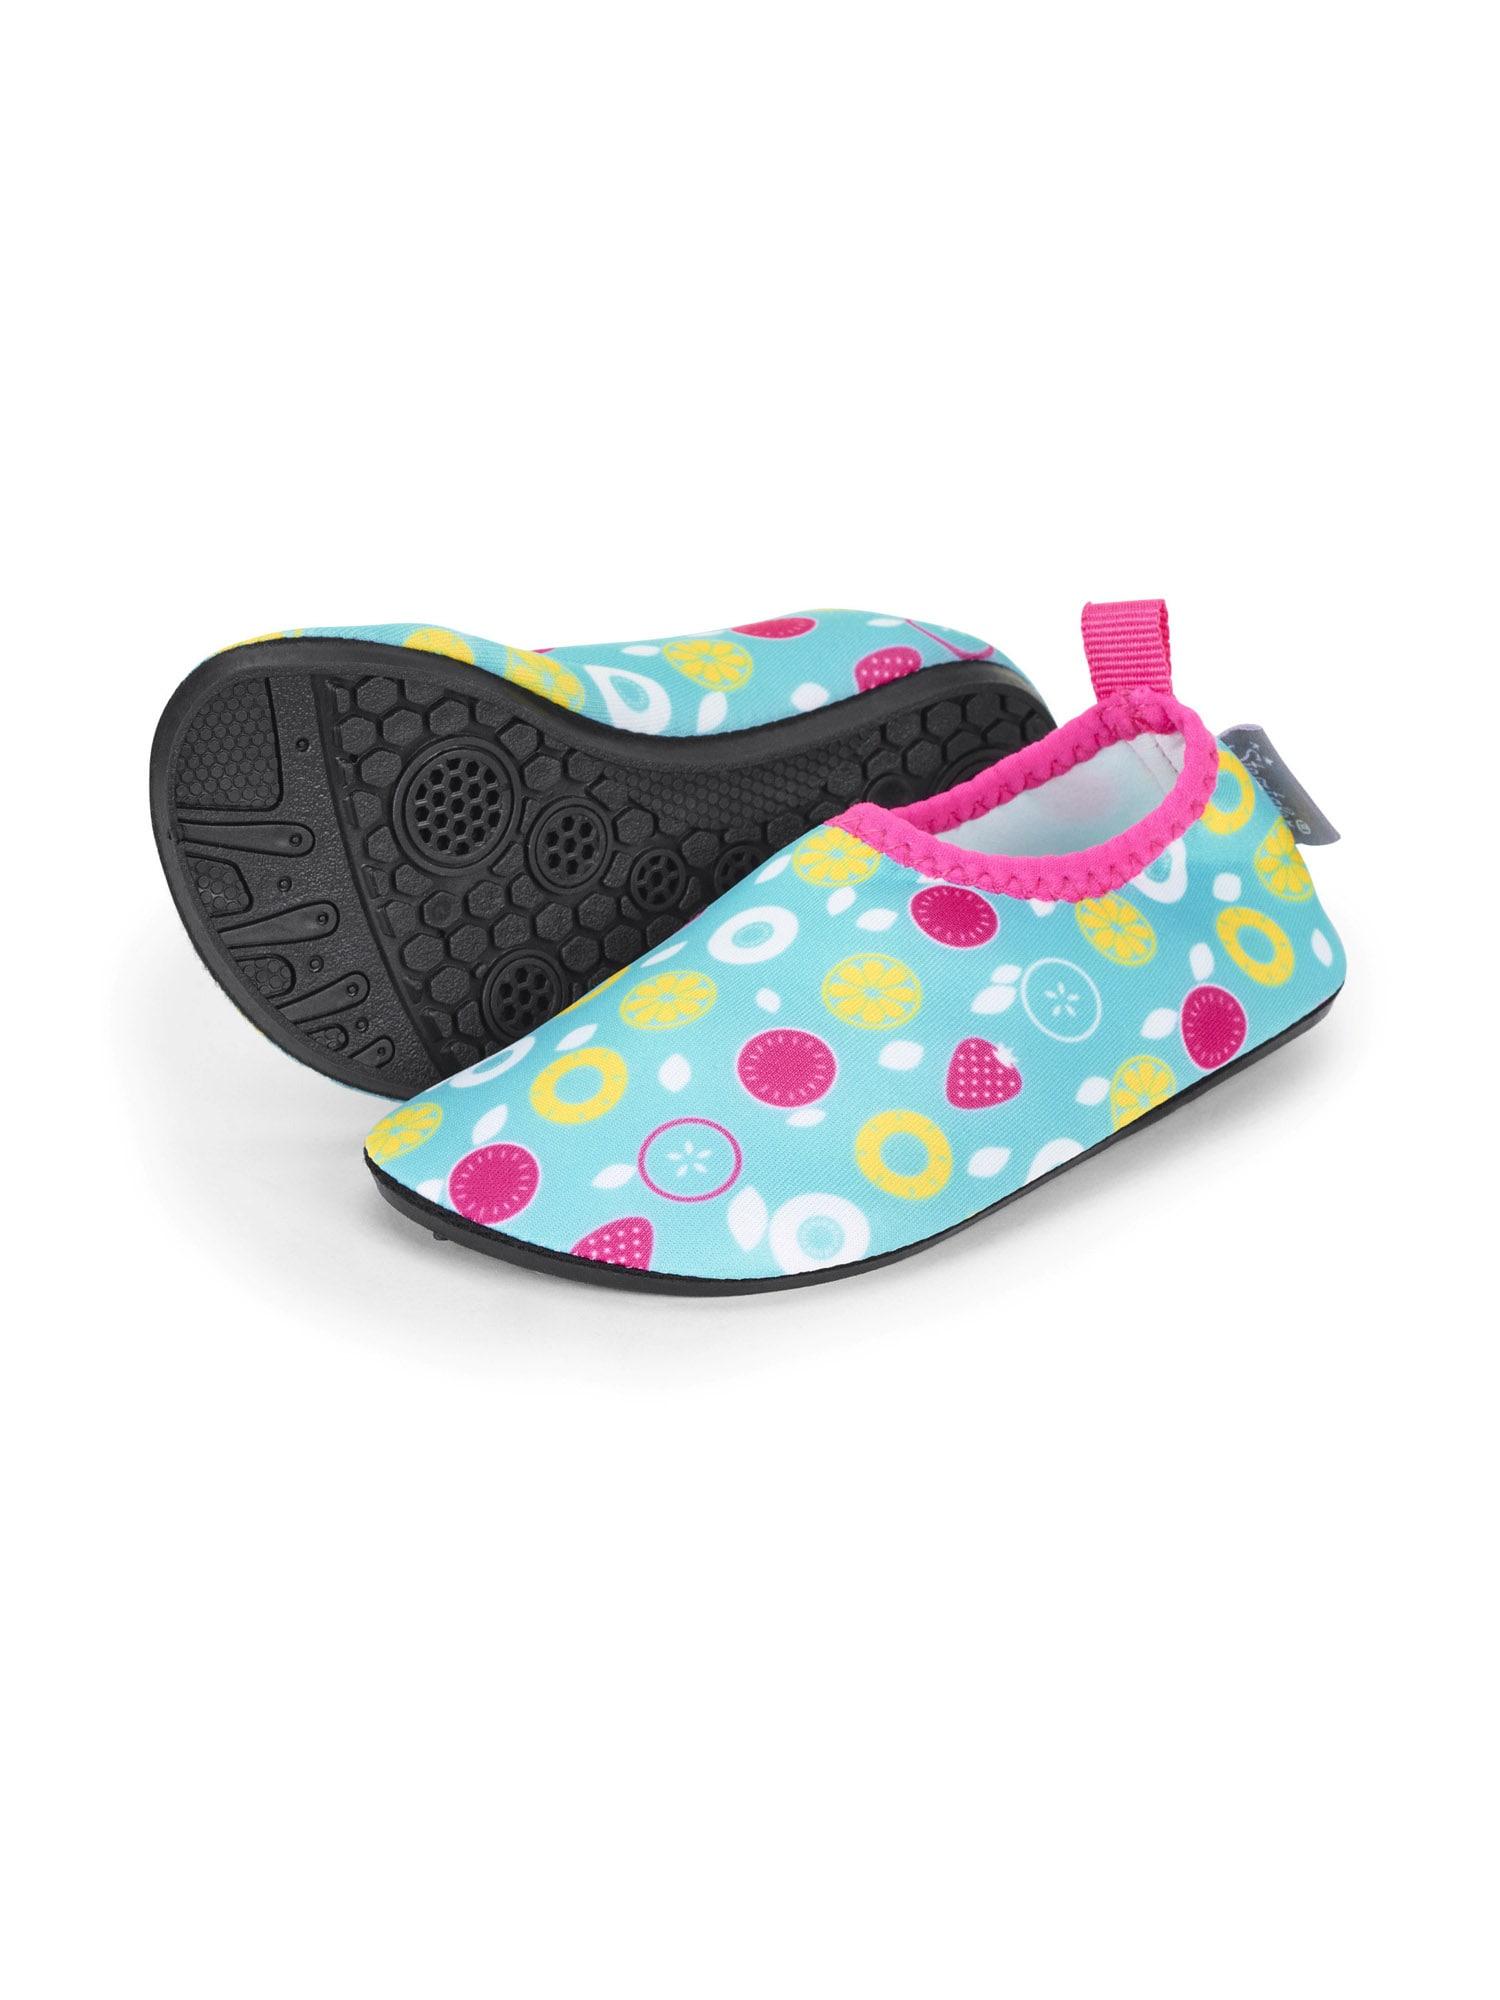 STERNTALER Plážová/koupací obuv  tyrkysová / cyclam / žlutá / bílá